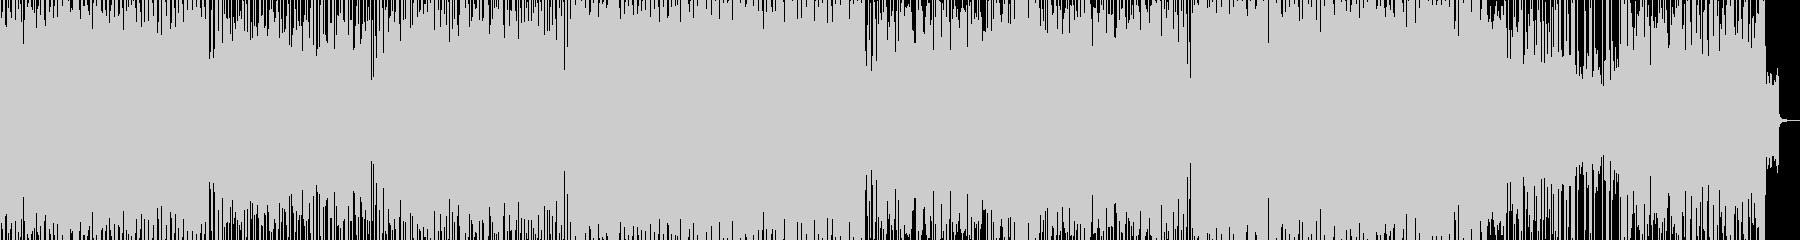 サビにピアノが美しいEDMの未再生の波形